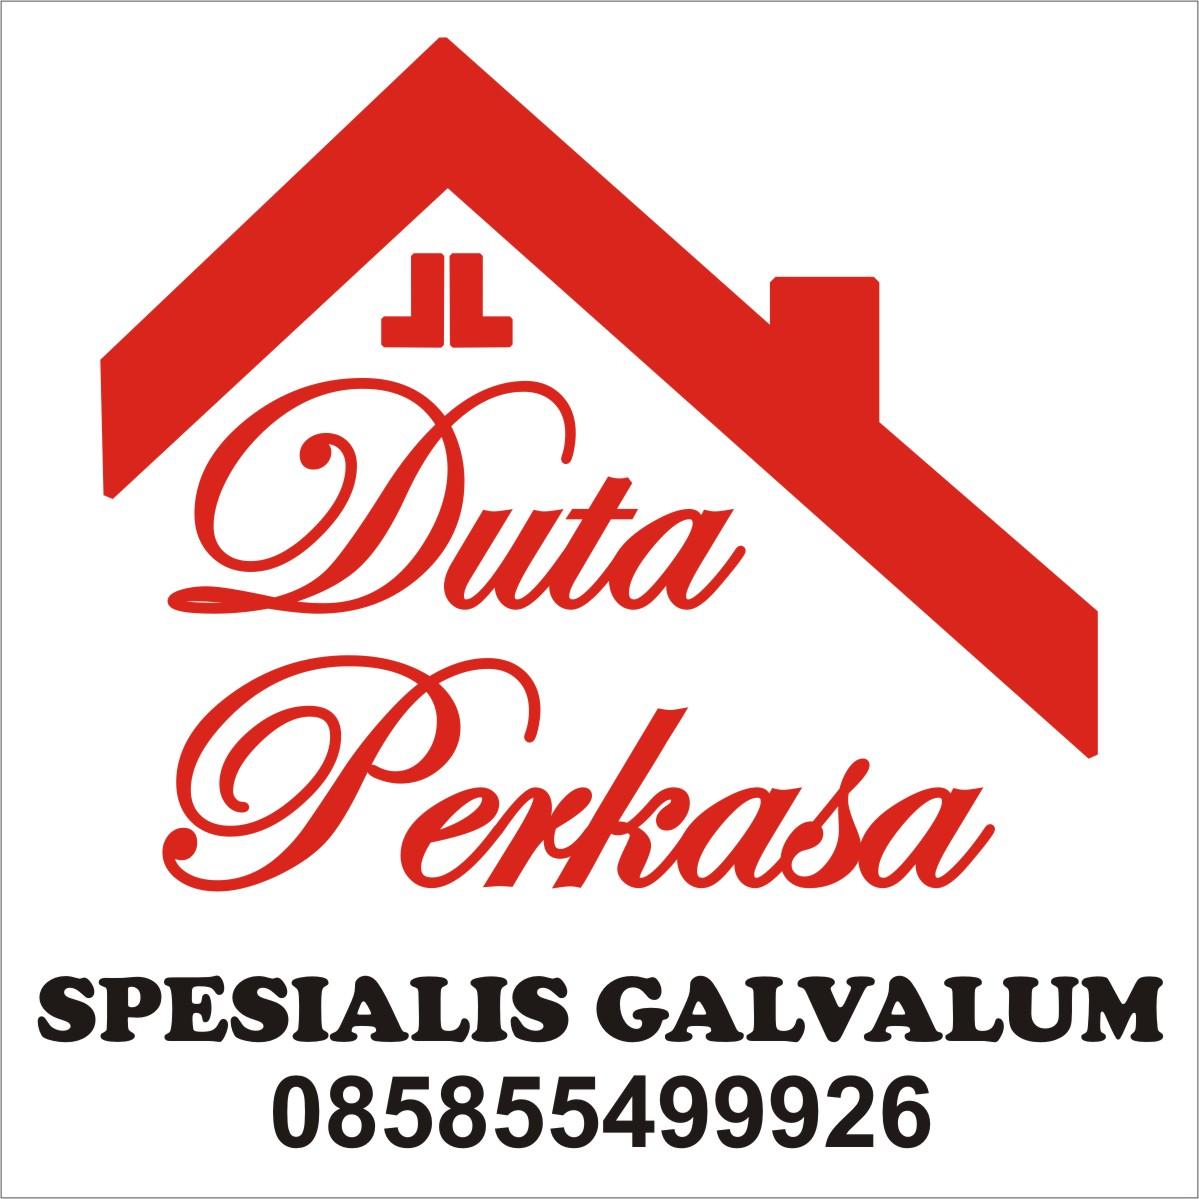 SPESIALIS GALVALUM